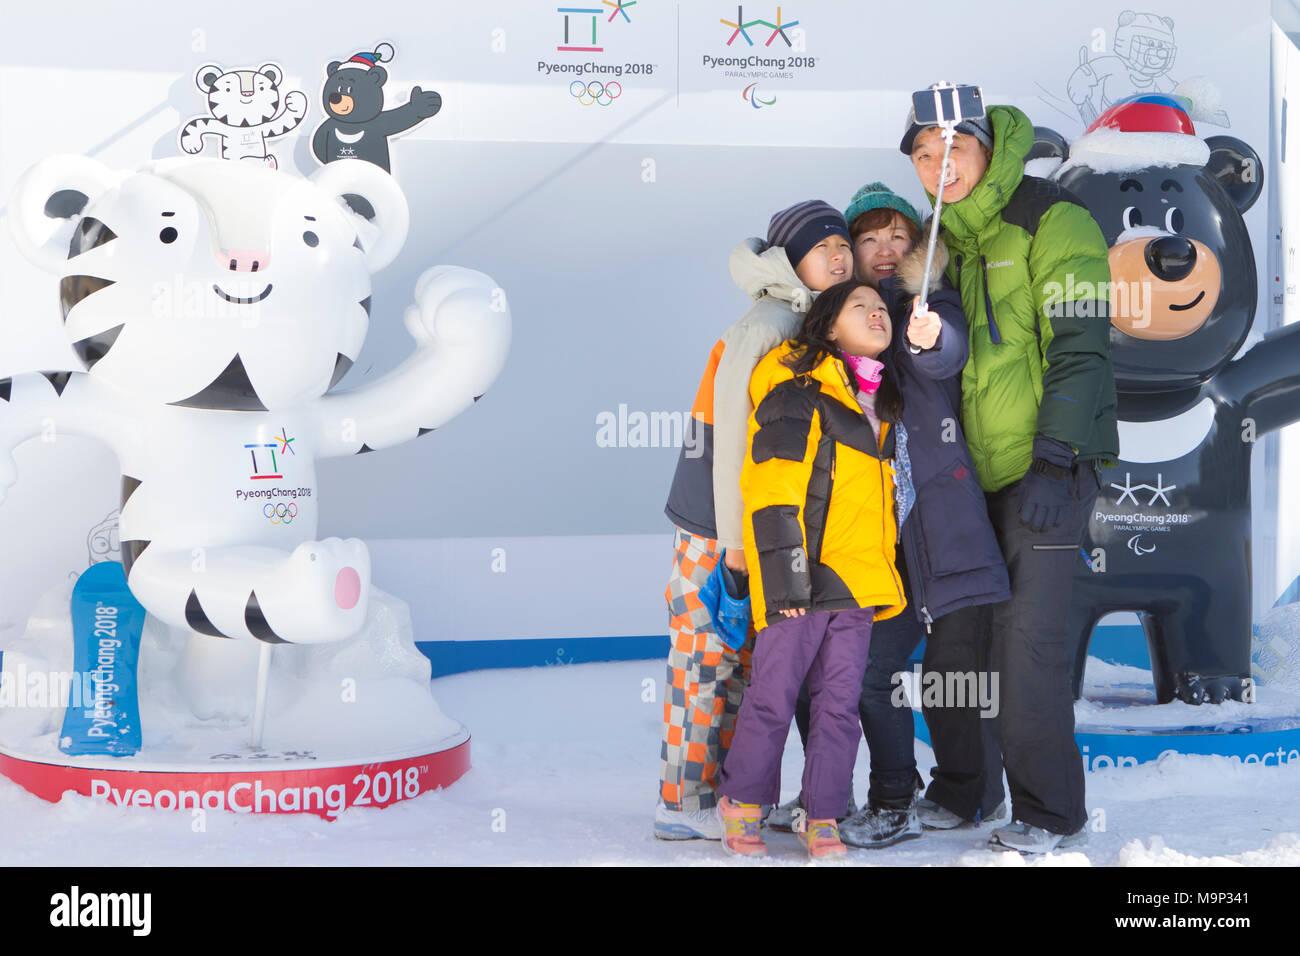 Una familia está teniendo un grupo selfie en Alpensia Resort, con las dos mascotas (y Soohorang Bandabi) de los Juegos Olímpicos y Paralímpicos de Invierno de 2018. El Alpensia Resort es un resort de esquí y una atracción turística. Está ubicado en el territorio del municipio de Daegwallyeong-myeon, en el condado de Pyeongchang, acoger los Juegos Olímpicos de Invierno en febrero de 2018. La estación de esquí es de aproximadamente 2,5 horas de Seúl o Incheon Airport en coche, predominantemente todo autopista. Alpensia tiene seis pistas para el esquí y el snowboard, con carreras de hasta 1,4 km (0,87 millas) de largo, para principiantes y esquiadores avanzados, y un Imagen De Stock